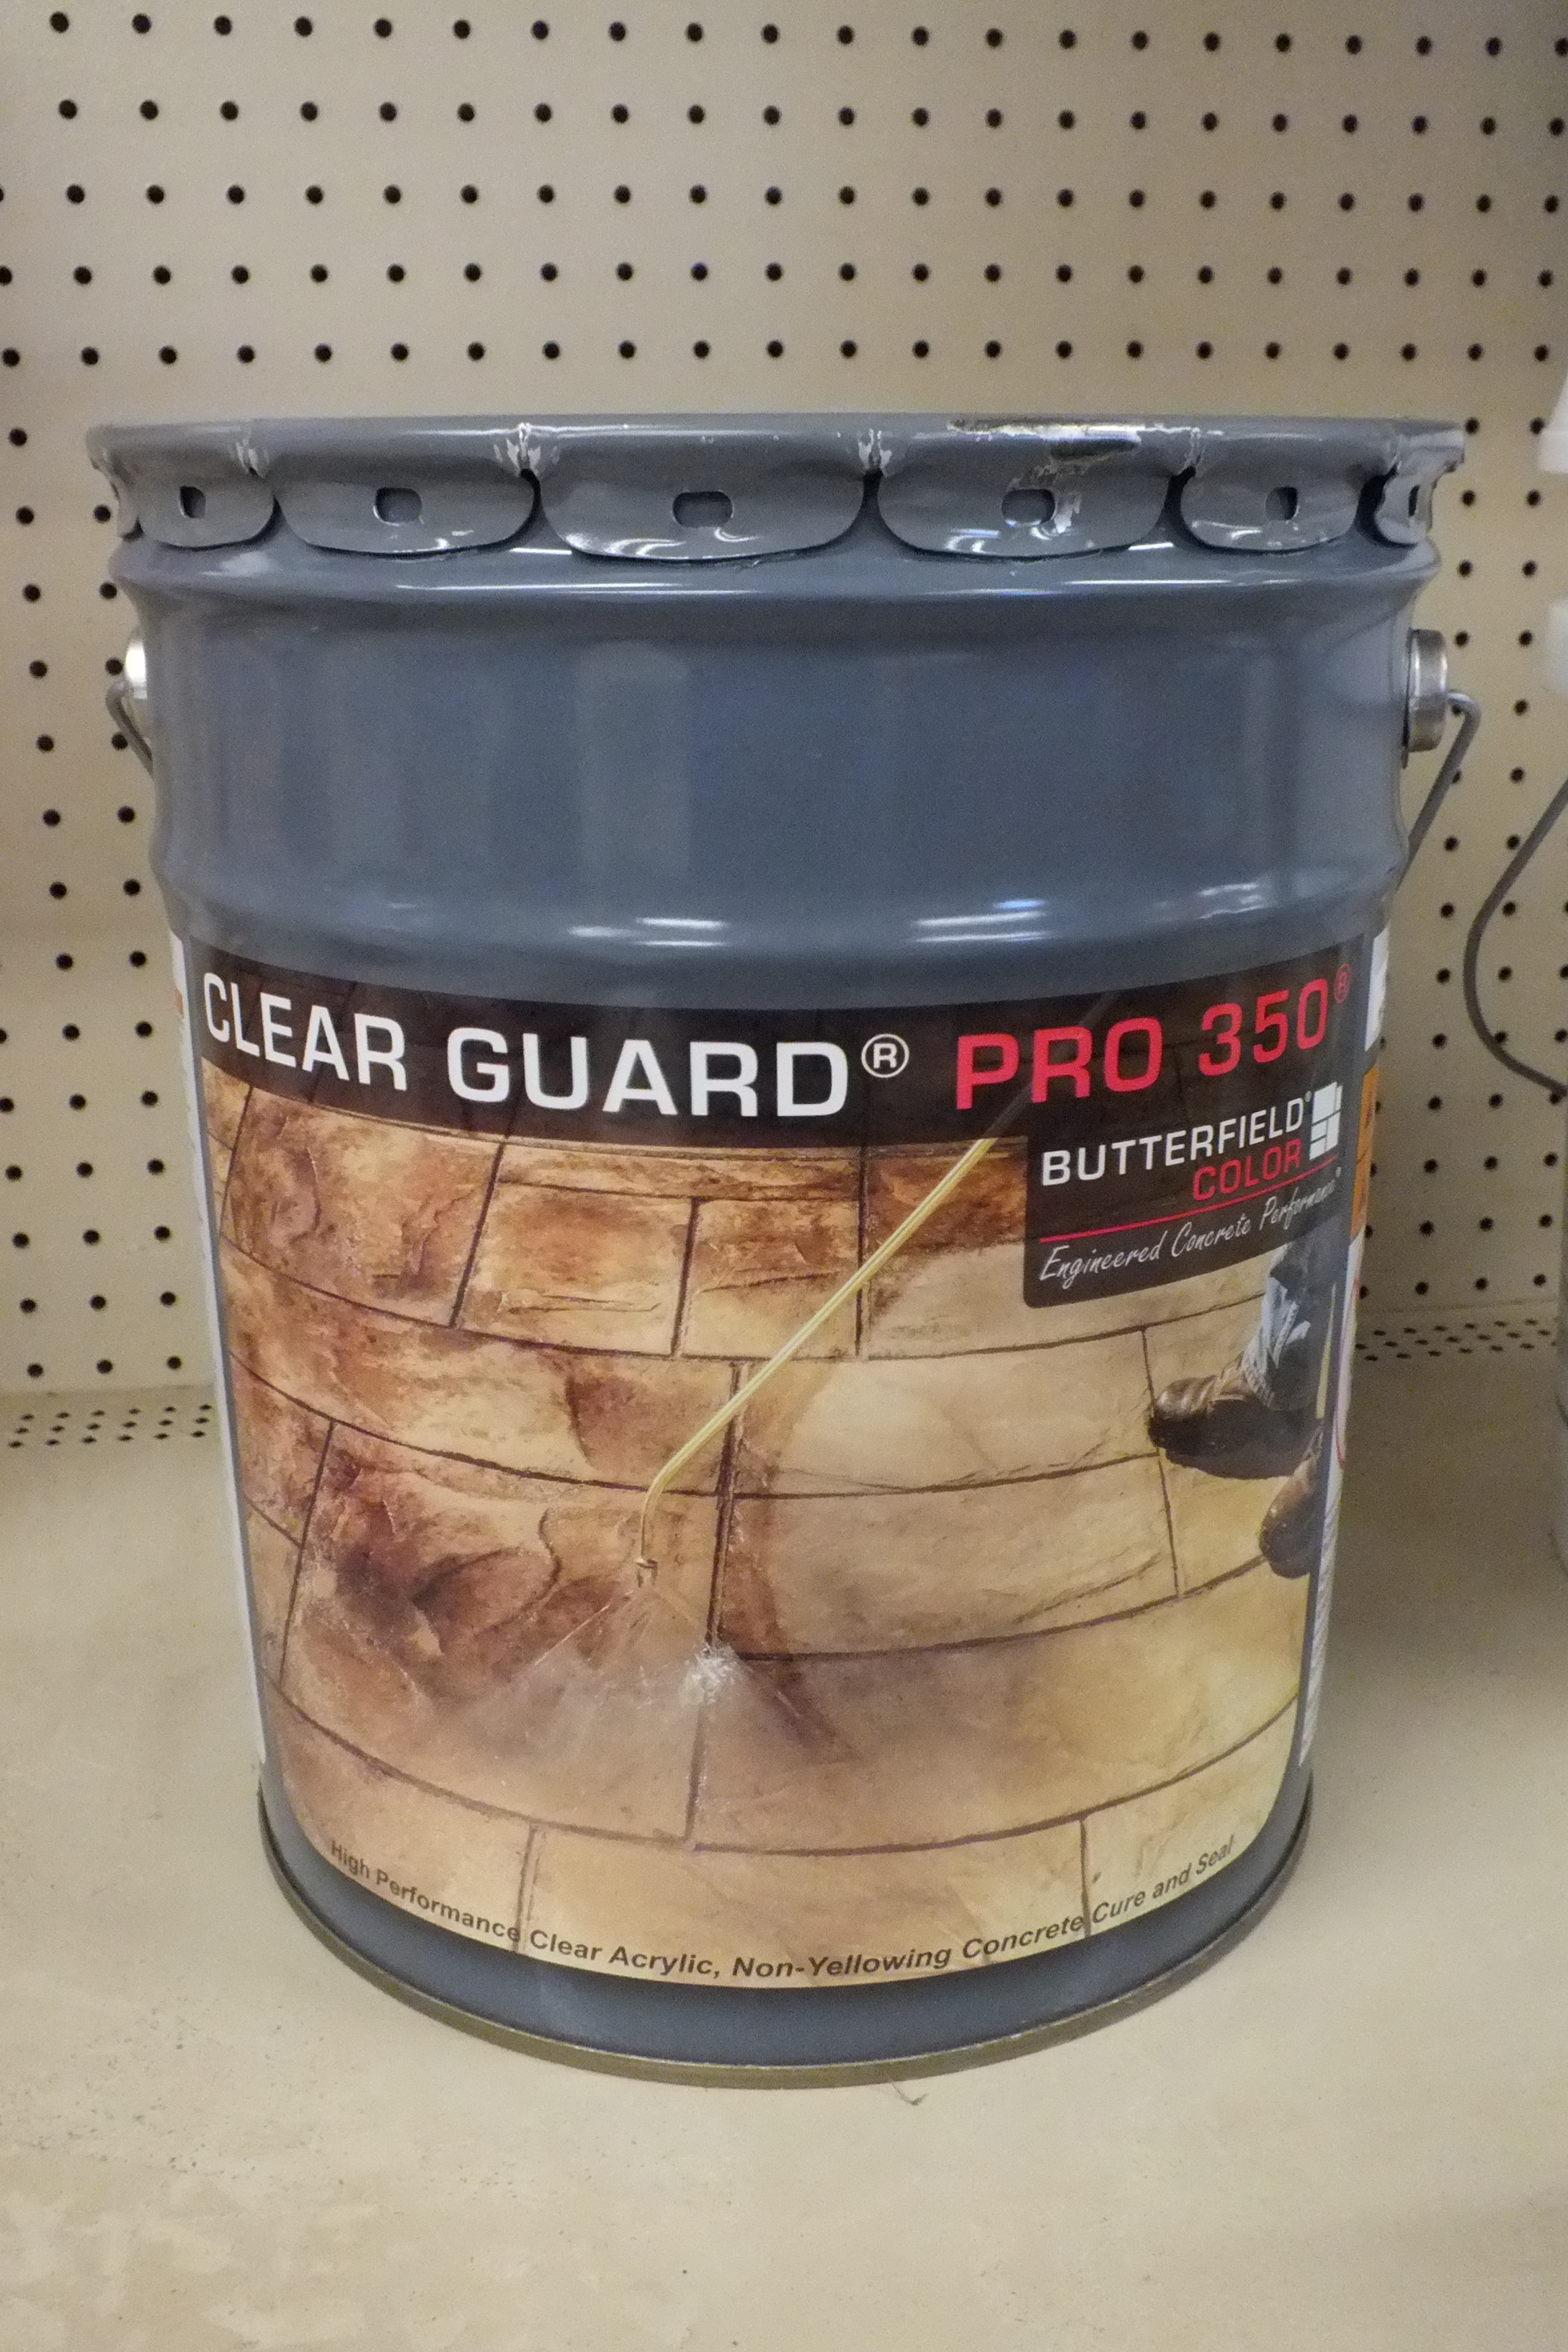 Butterfield Clear Guard Pro 350 -